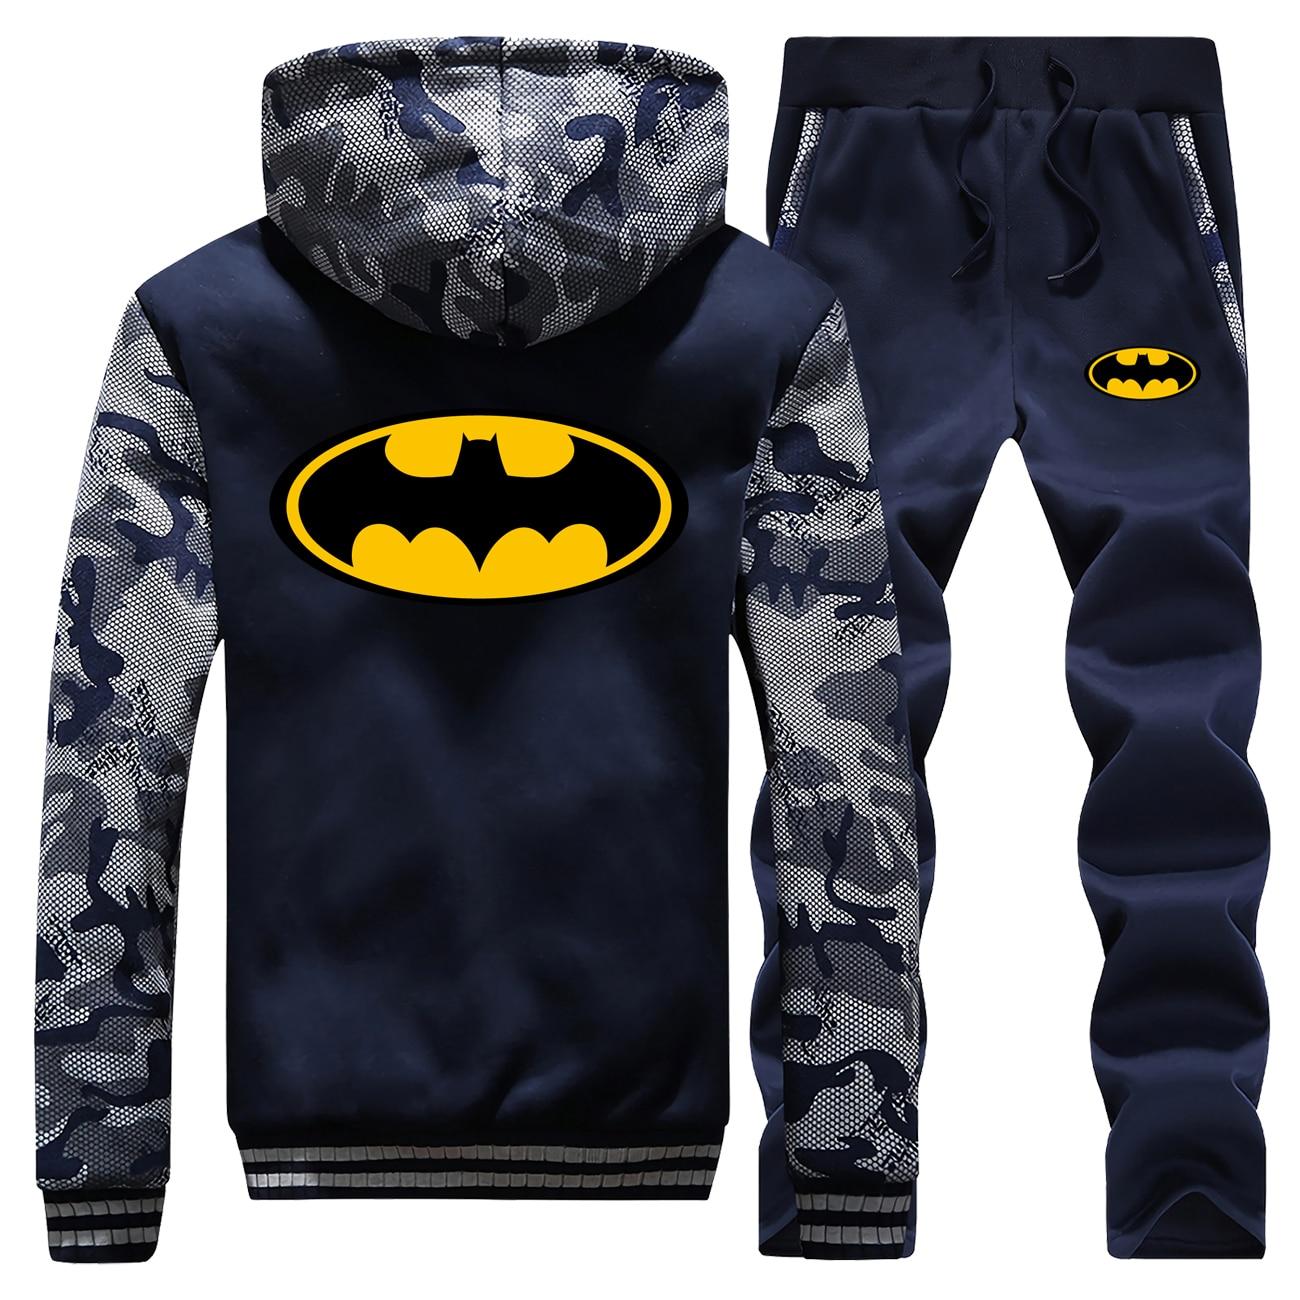 DC Superhero Batman Men Warm Sets Fashion Streetwear Thick Suit Zip Hoodies Sweatshirt +Sweatpants Mens 2 Pieces Sets Tracksuit